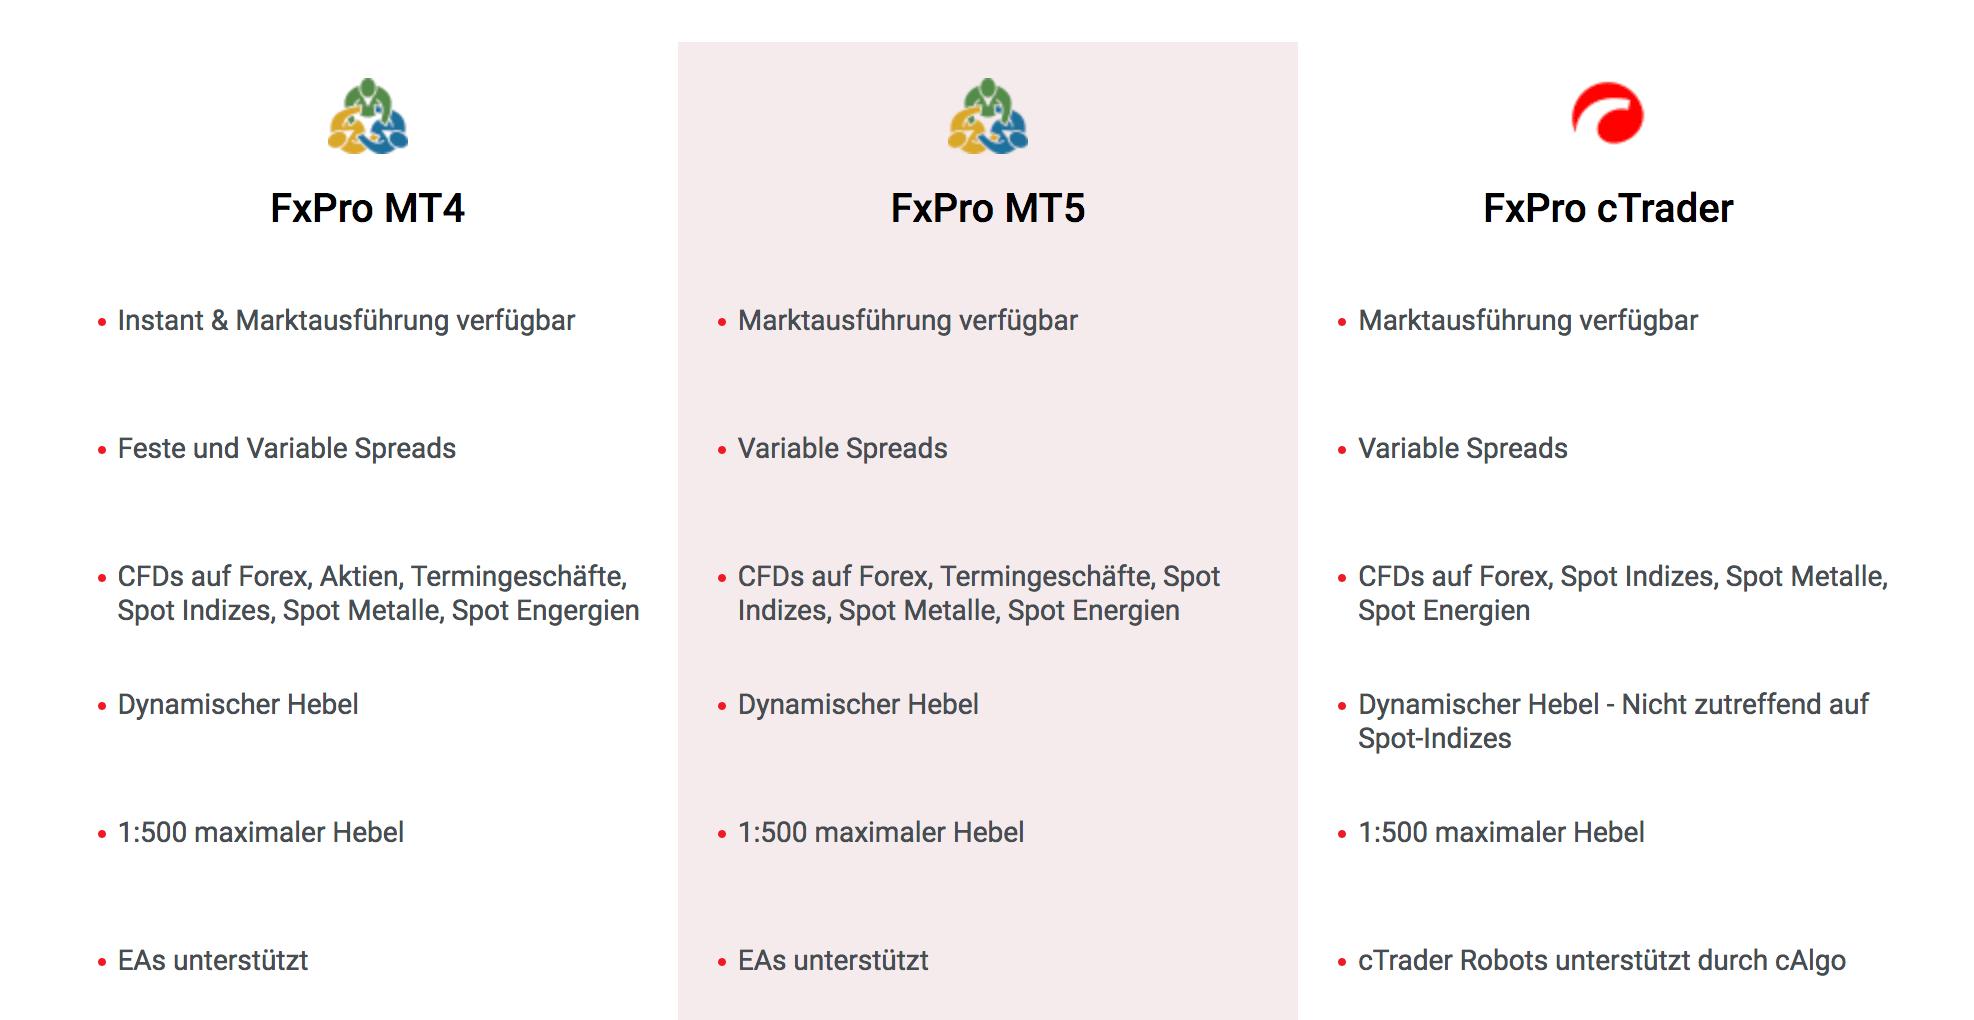 Trader haben mehrere leistungsstarke FxPro Plattformen zur Auswahl